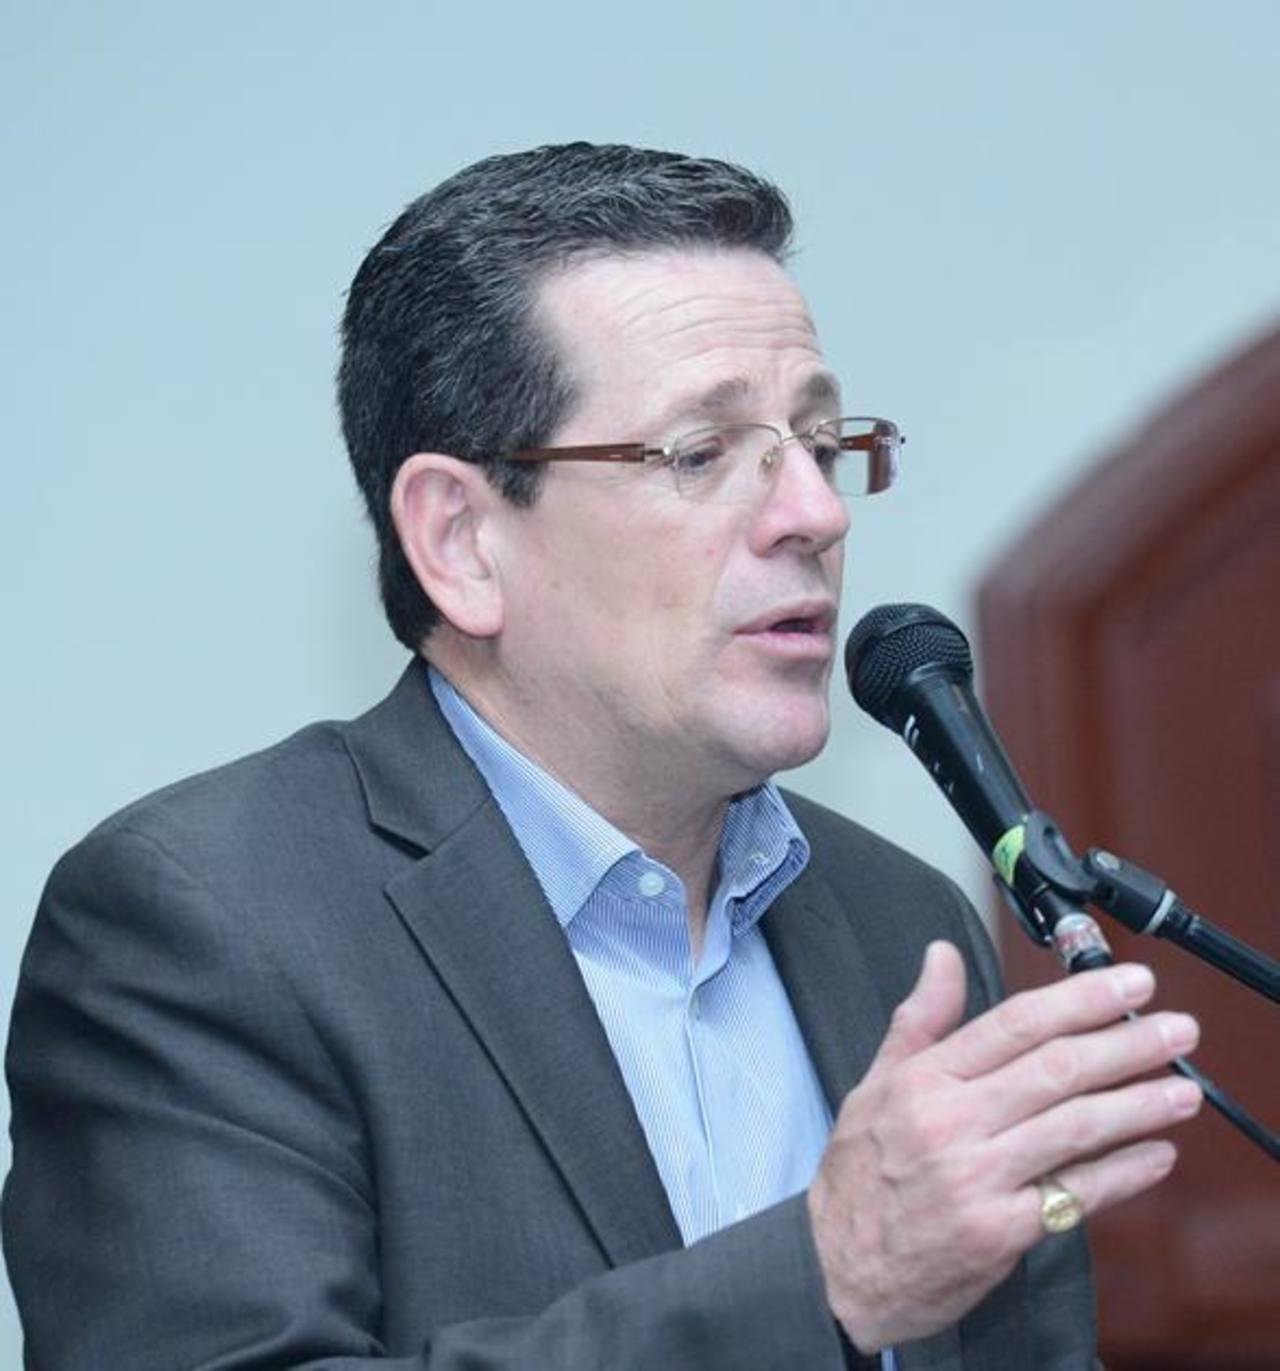 ARENA dice que deuda más grande de Funes es la transparencia y rendición de cuentas